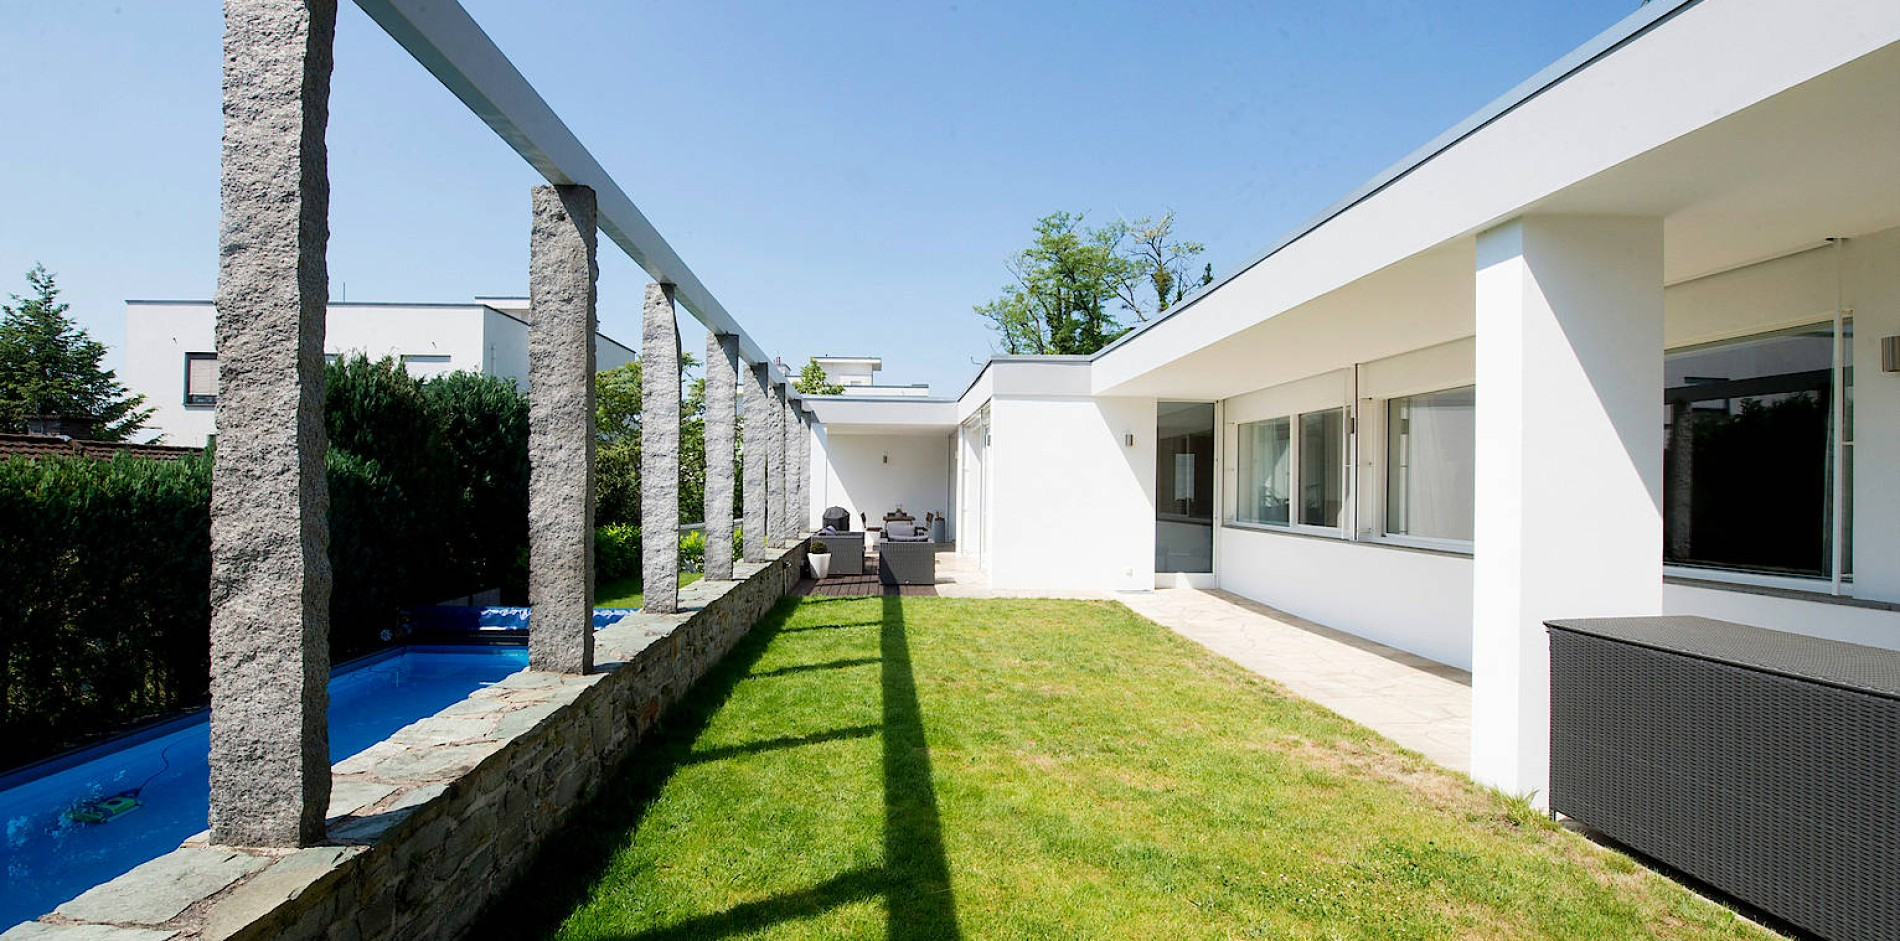 Bauhaus Stiel bauhaus villa in wiesbaden haus gesucht ikone gefunden